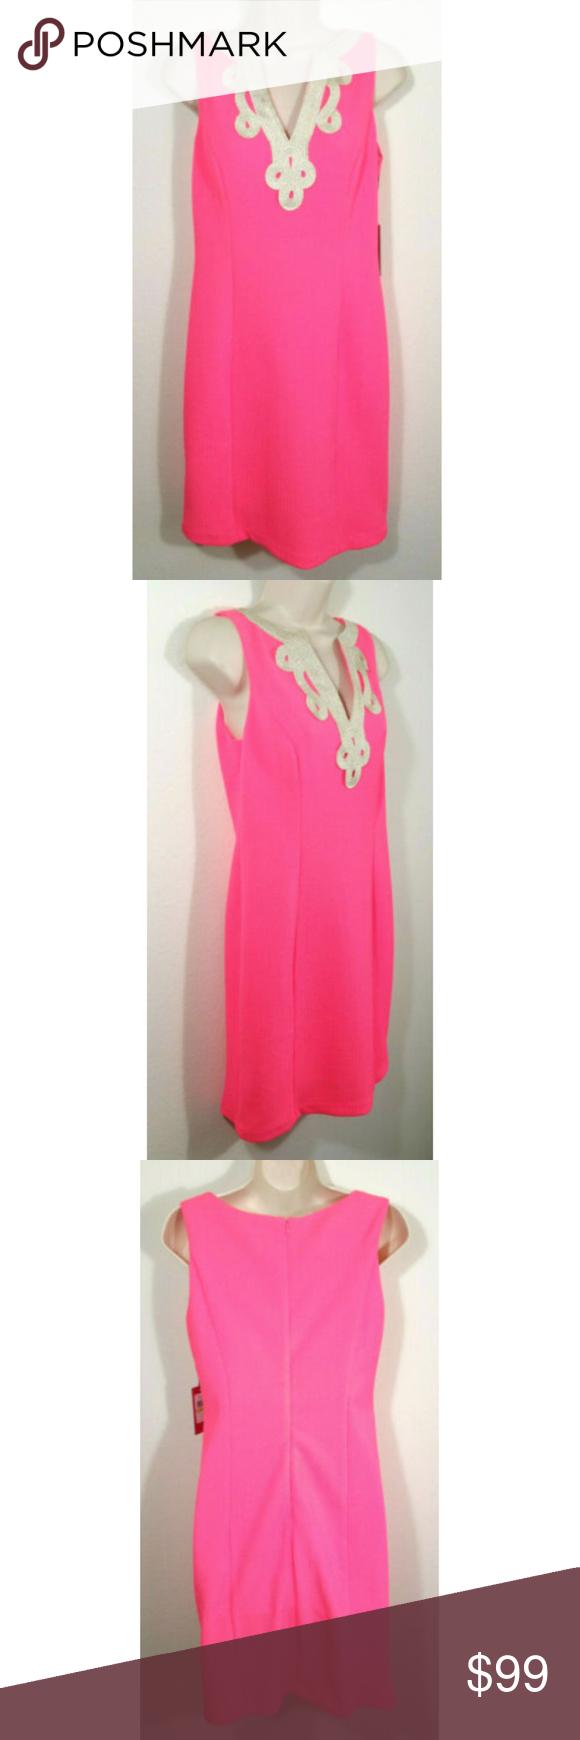 Sold Vince Camuto Lace Applique Sheath Dress Womens Sheath Dress Clothes Design Sheath Dress [ 1740 x 580 Pixel ]